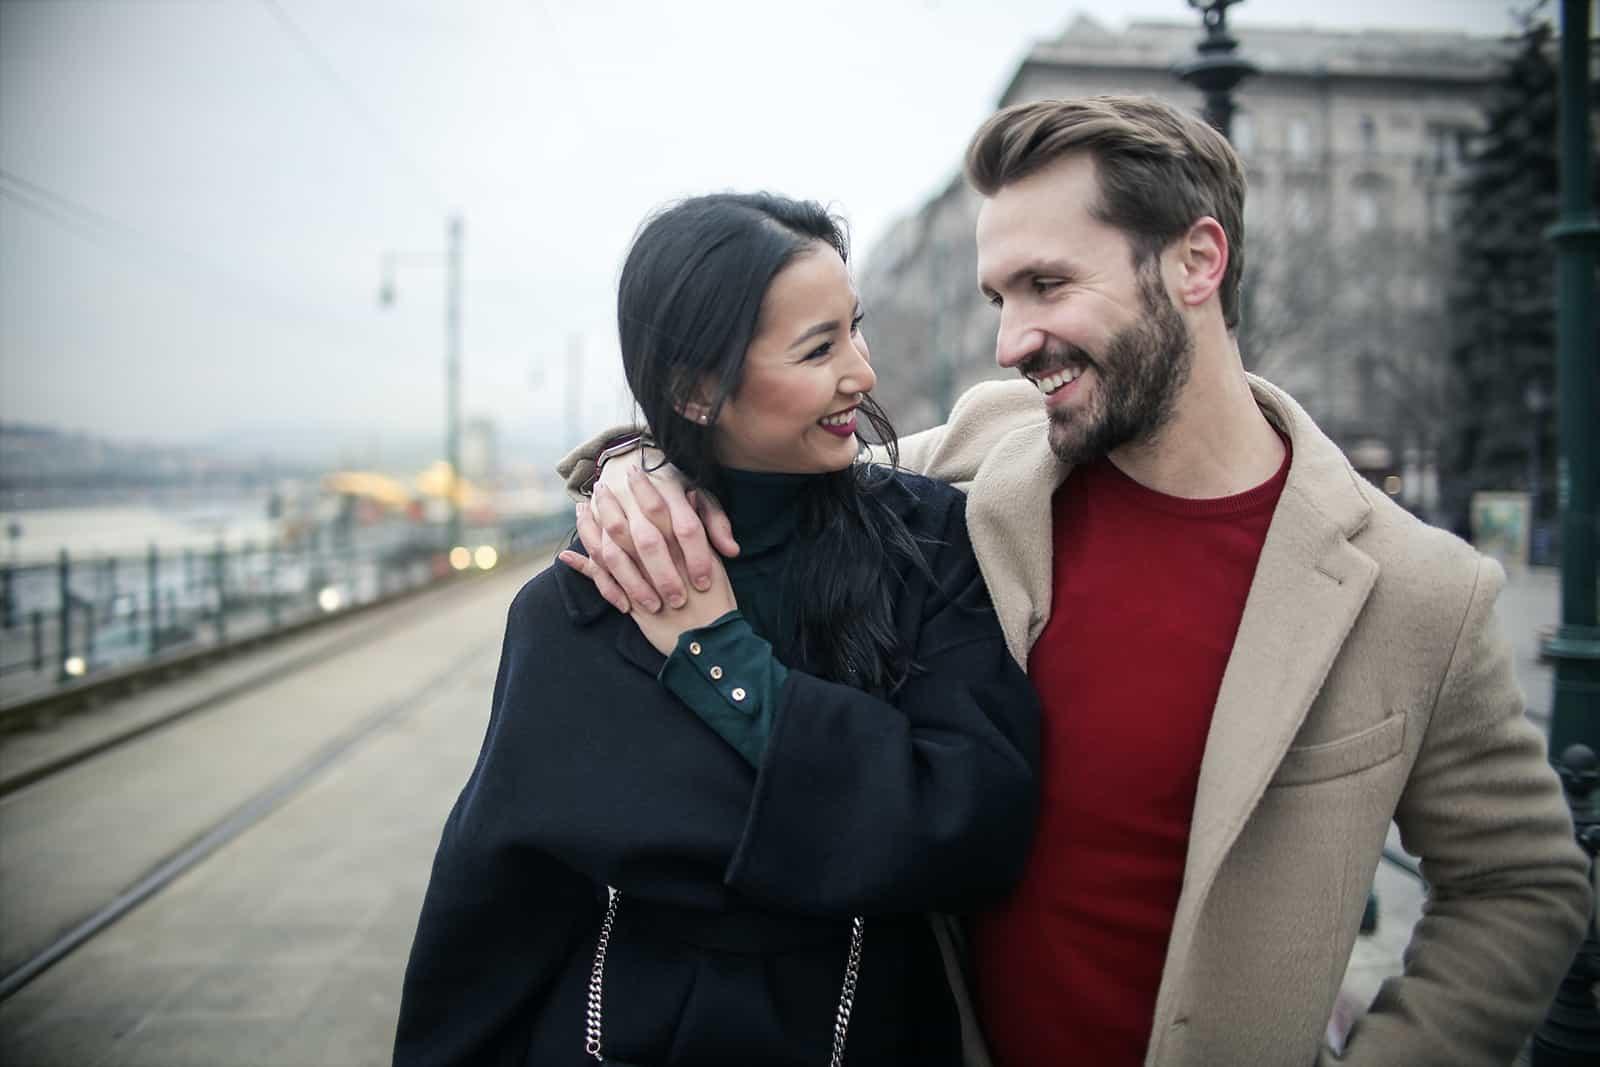 ein liebevolles Paar, das geht, sich umarmt und miteinander lächelt